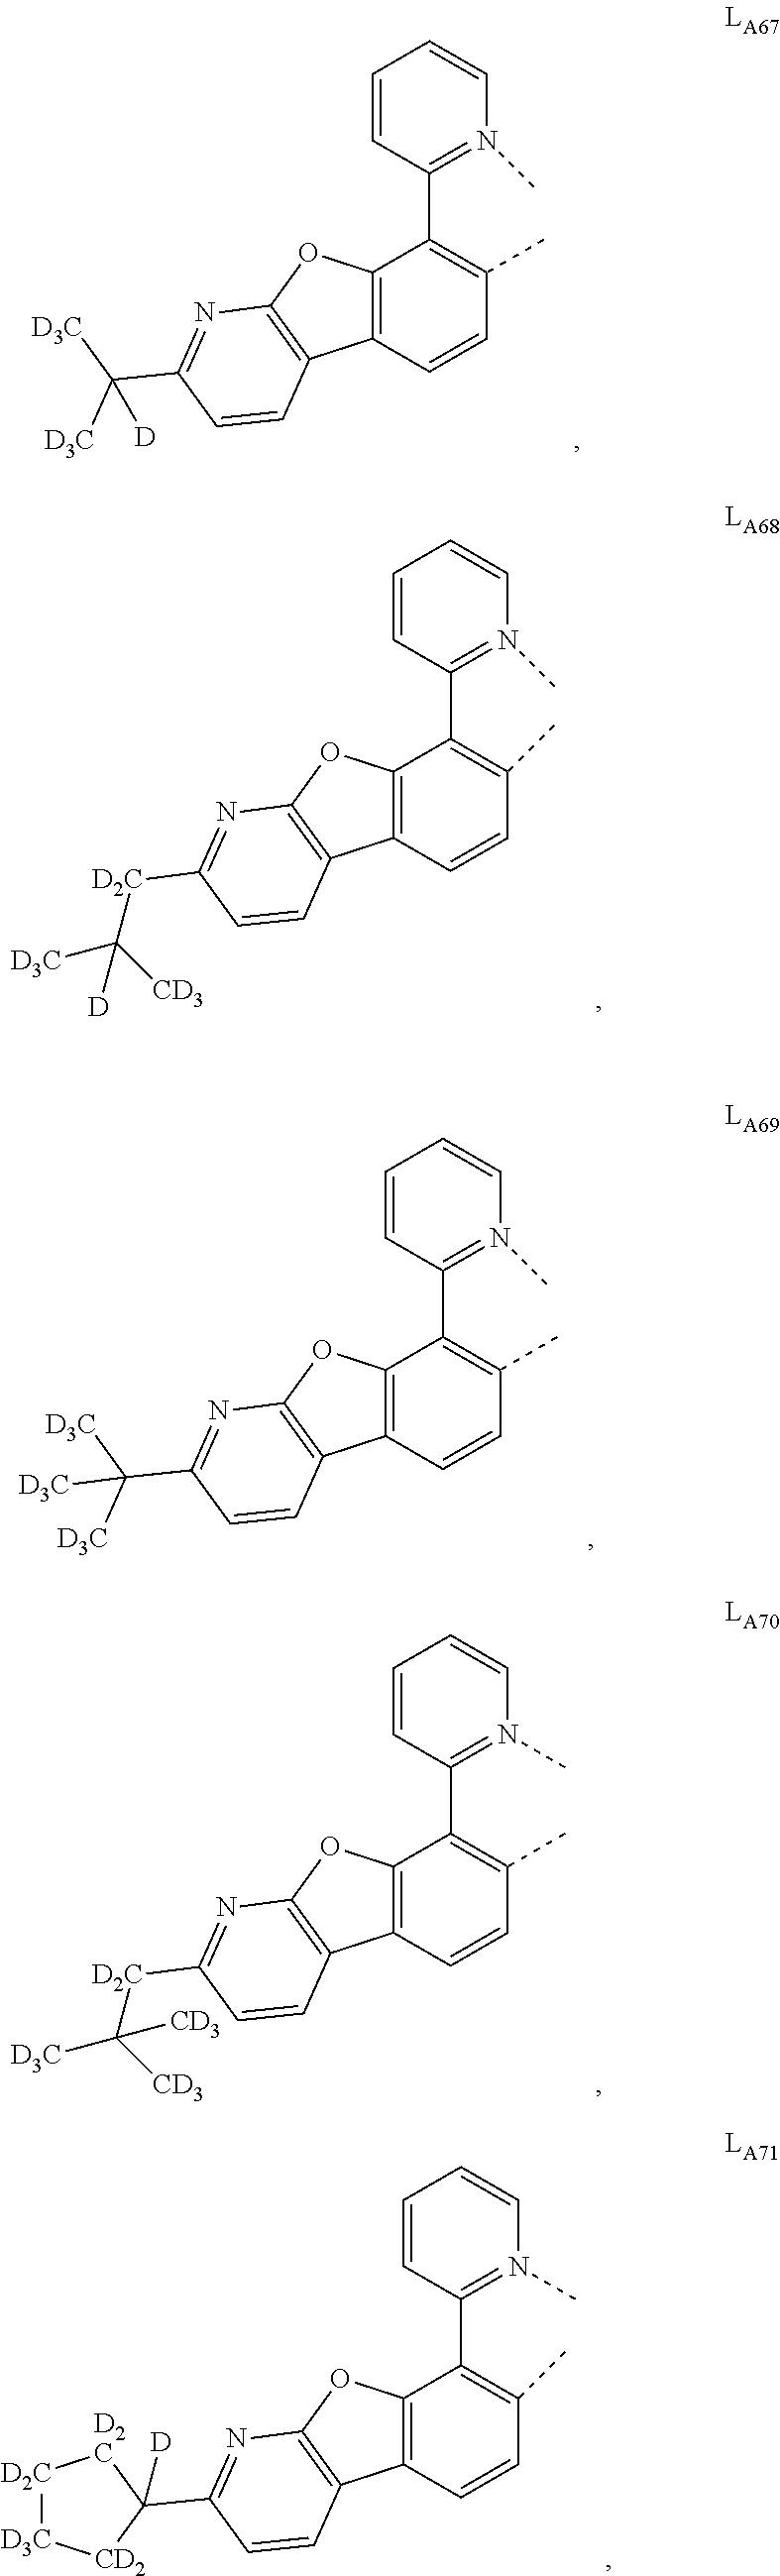 Figure US20160049599A1-20160218-C00414